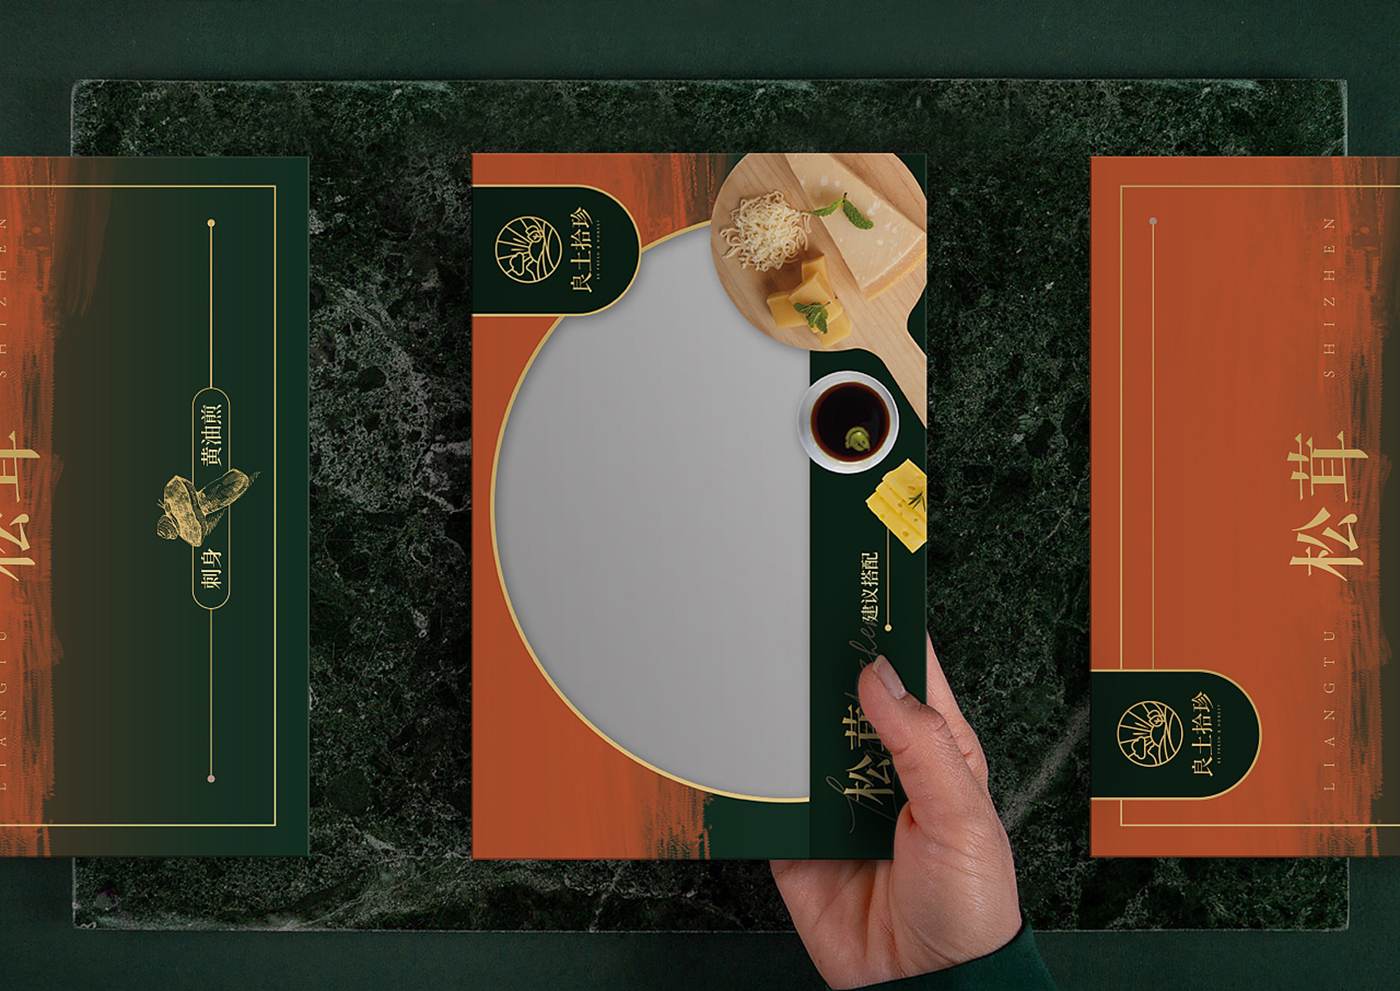 《良土拾珍》菌菇农产品包装设计图4